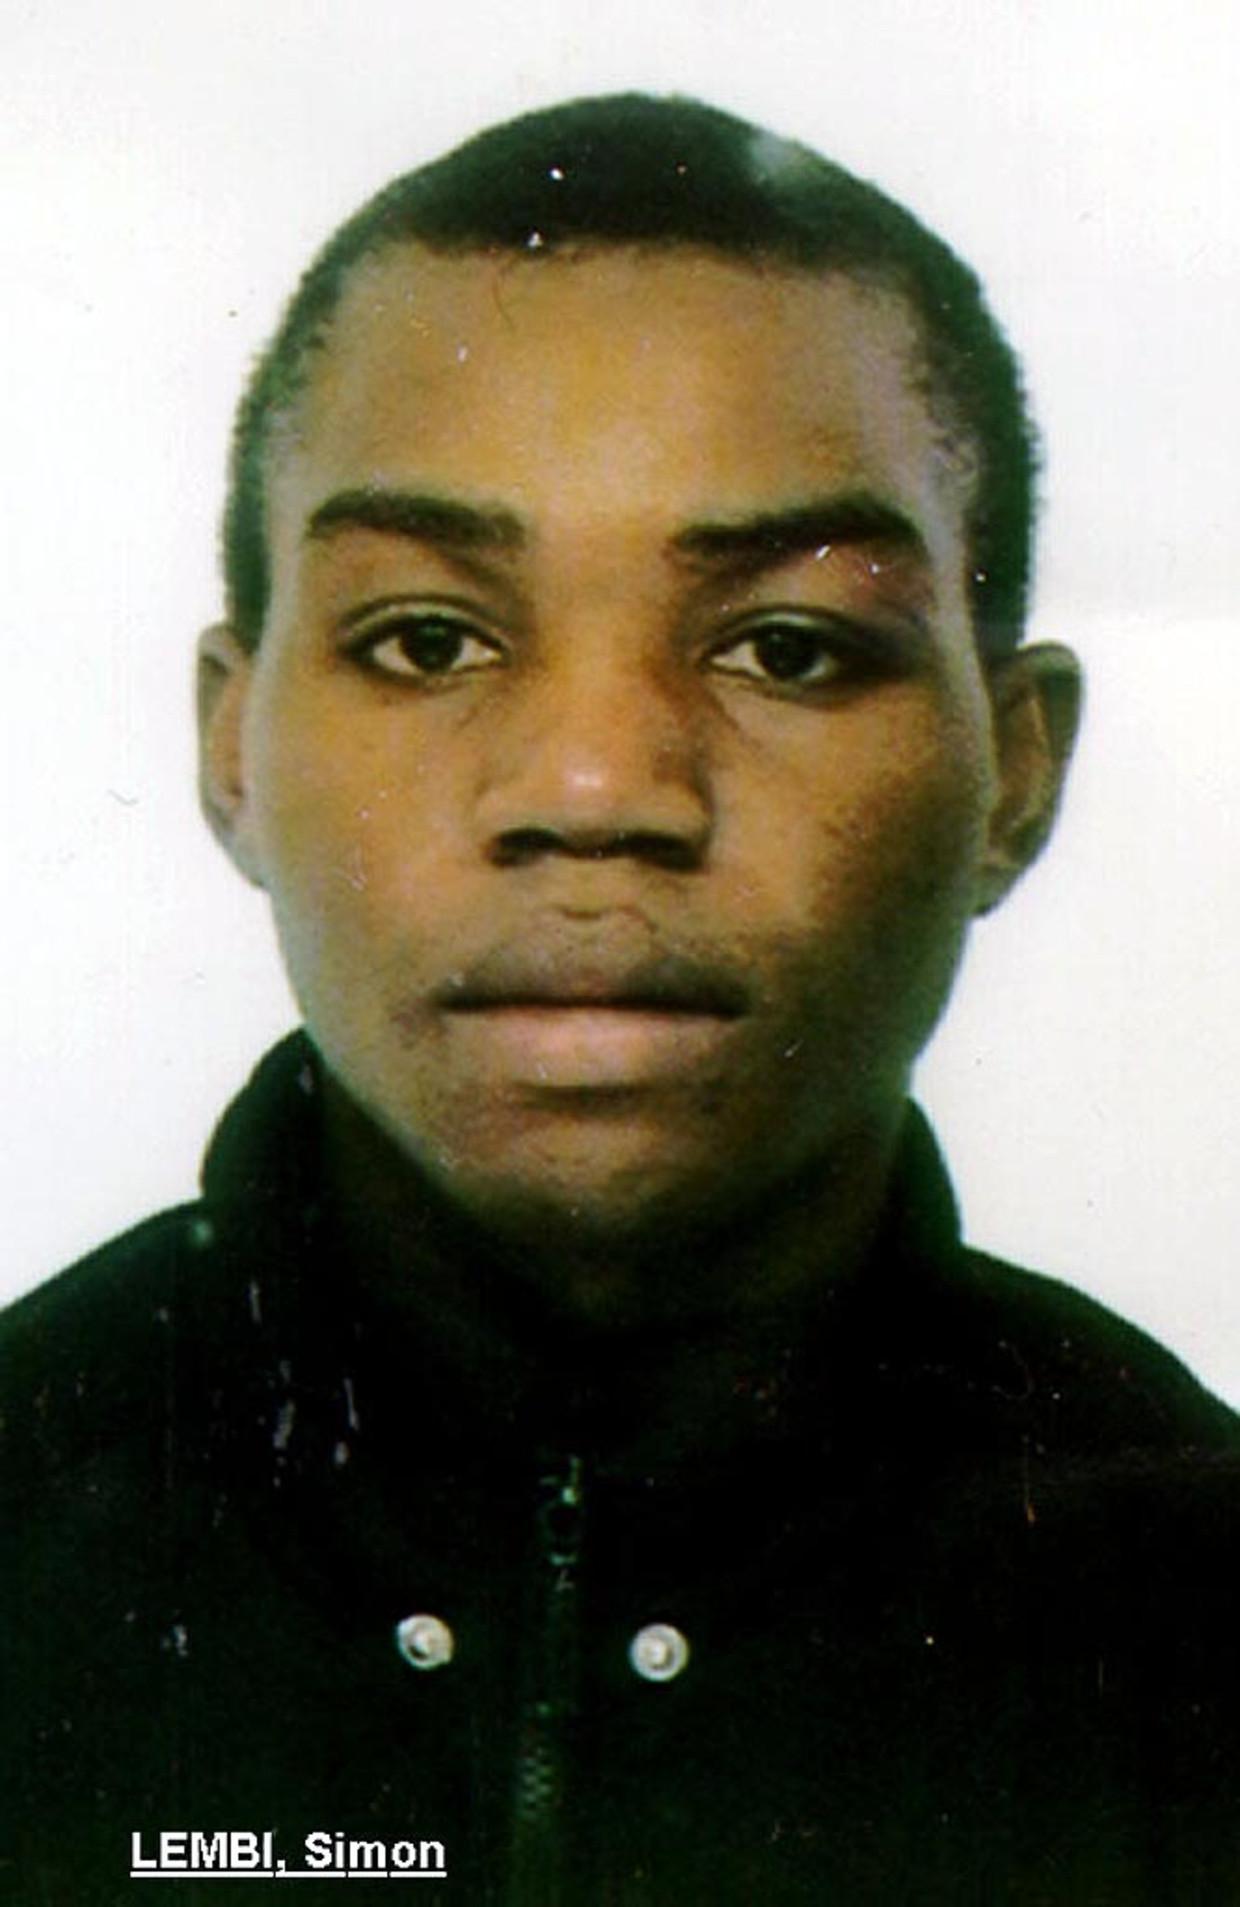 De foto van Simon Lembi die sinds 1999 werd verspreid in opsporingsberichten. De Angolees was pas veertien toen hij verdween. Beeld BELGA